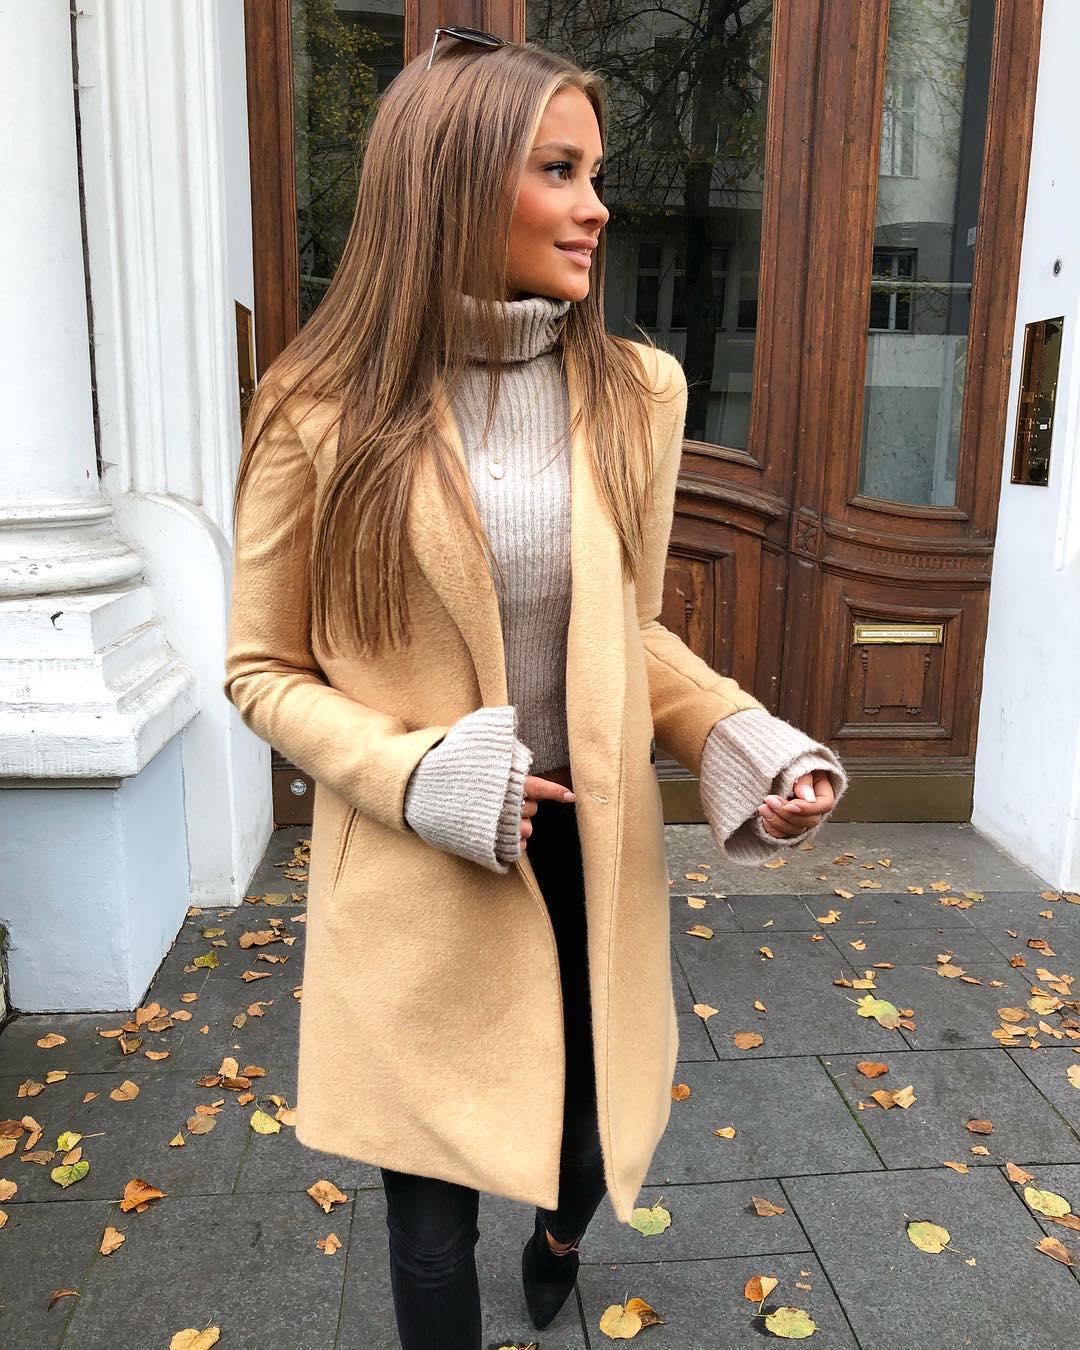 С чем носить женское пальто-пиджак  23 стильных образа 4dc4bb6c70c31